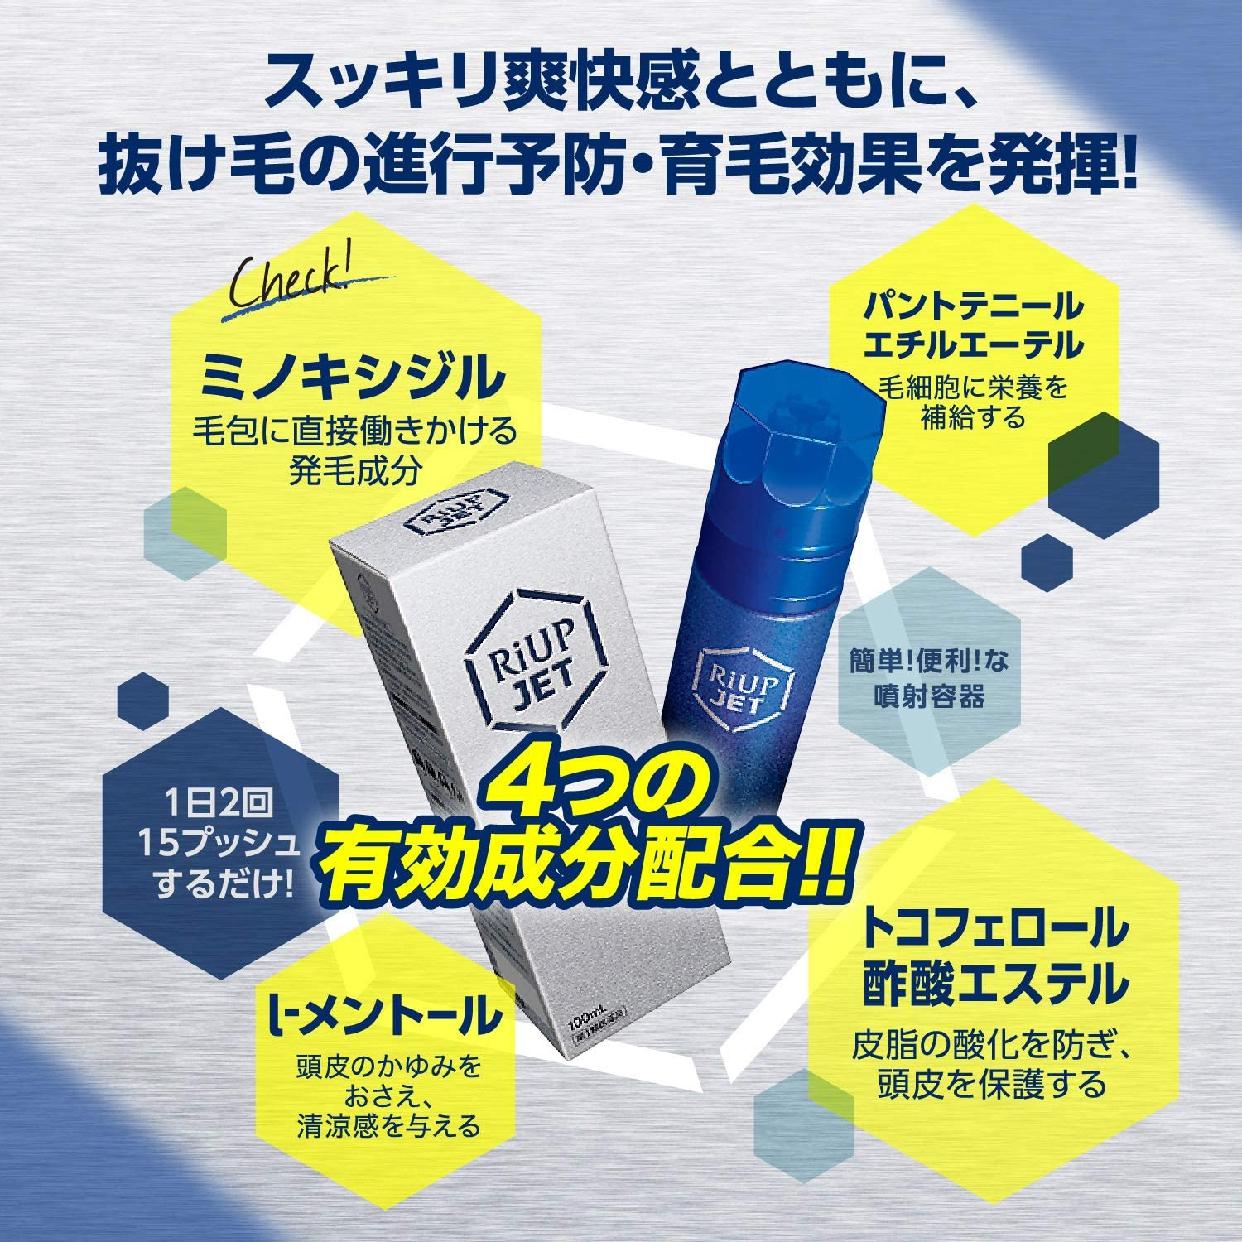 リアップジェット発毛剤の商品画像4